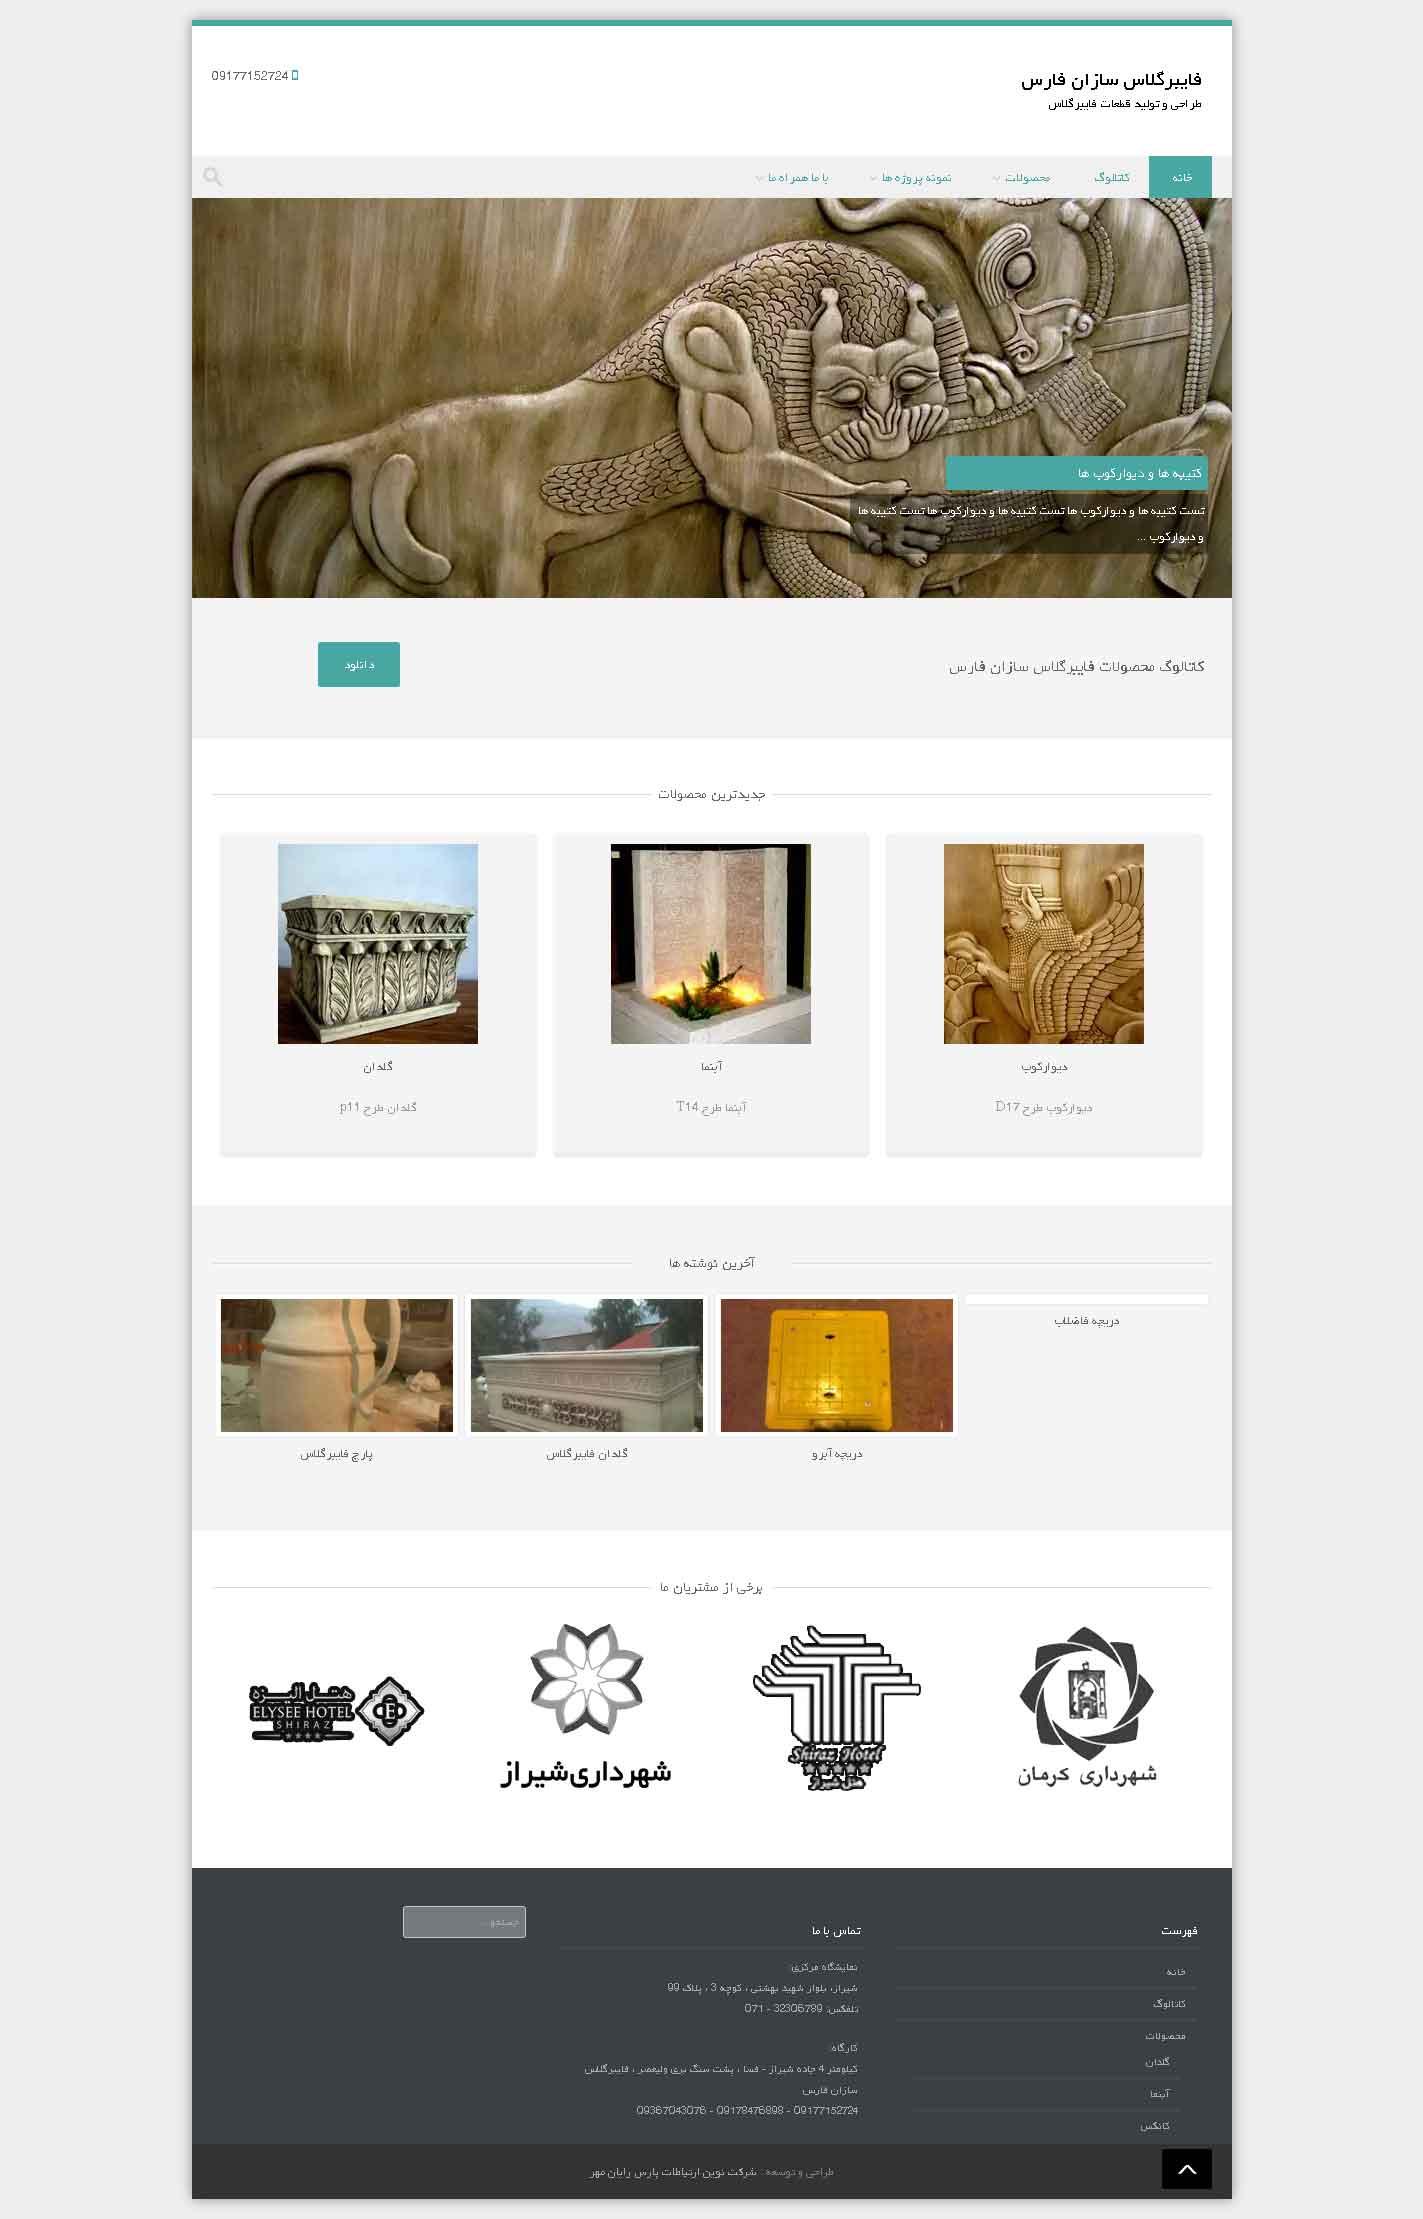 فایبرگلاس-سازان-فارس---طراحی-و-تولید-قطعات-فایبرگلاس